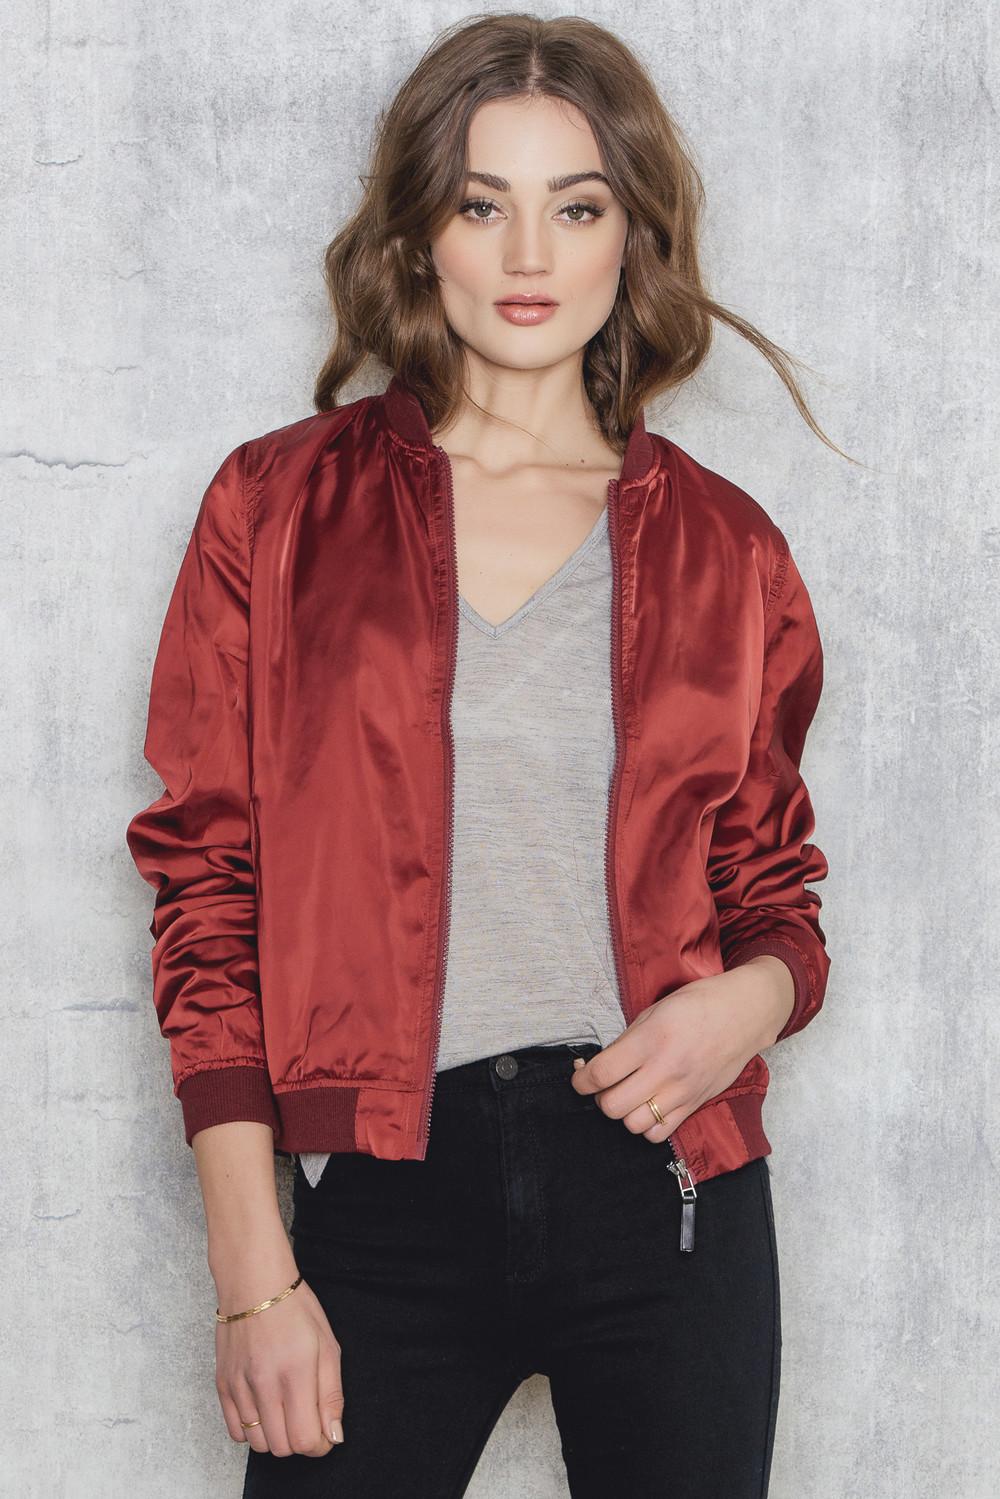 Sally & Circle Price Linda 2 bomber jacket